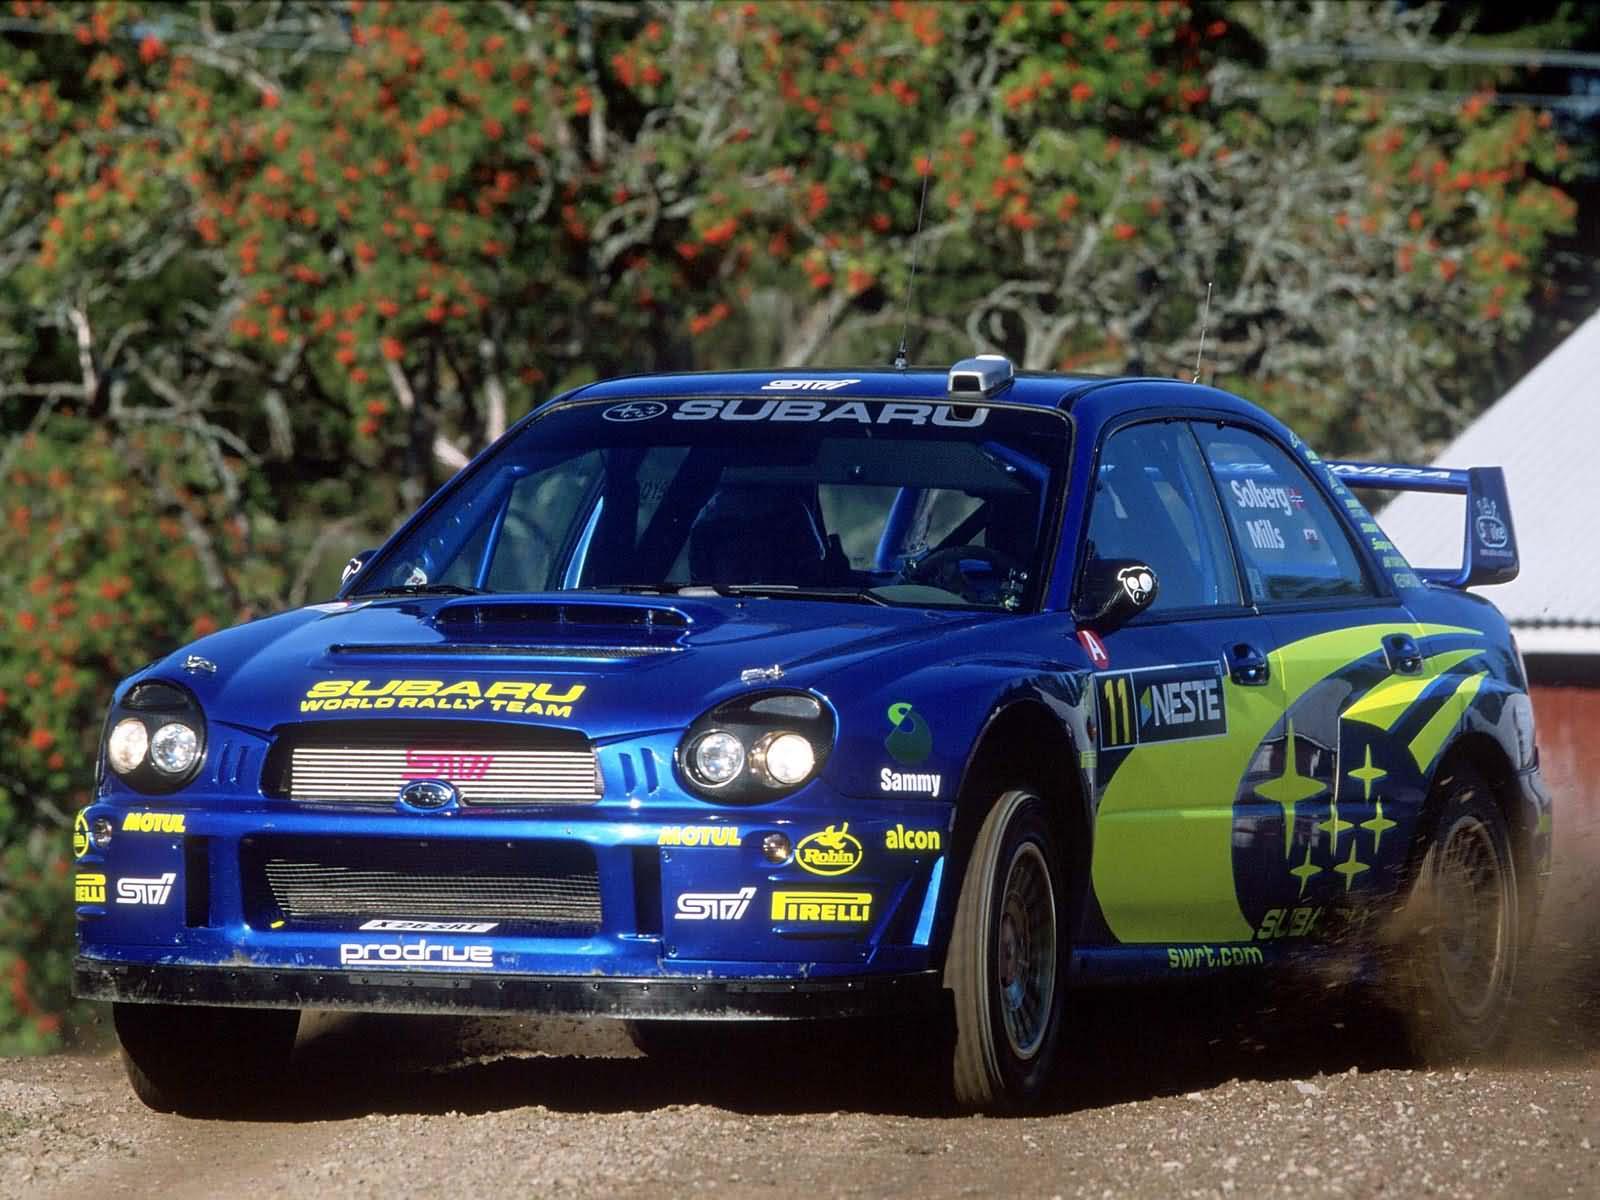 Subaru Impreza Wrx 2002 Rally Subaru Wrx Rally Mud